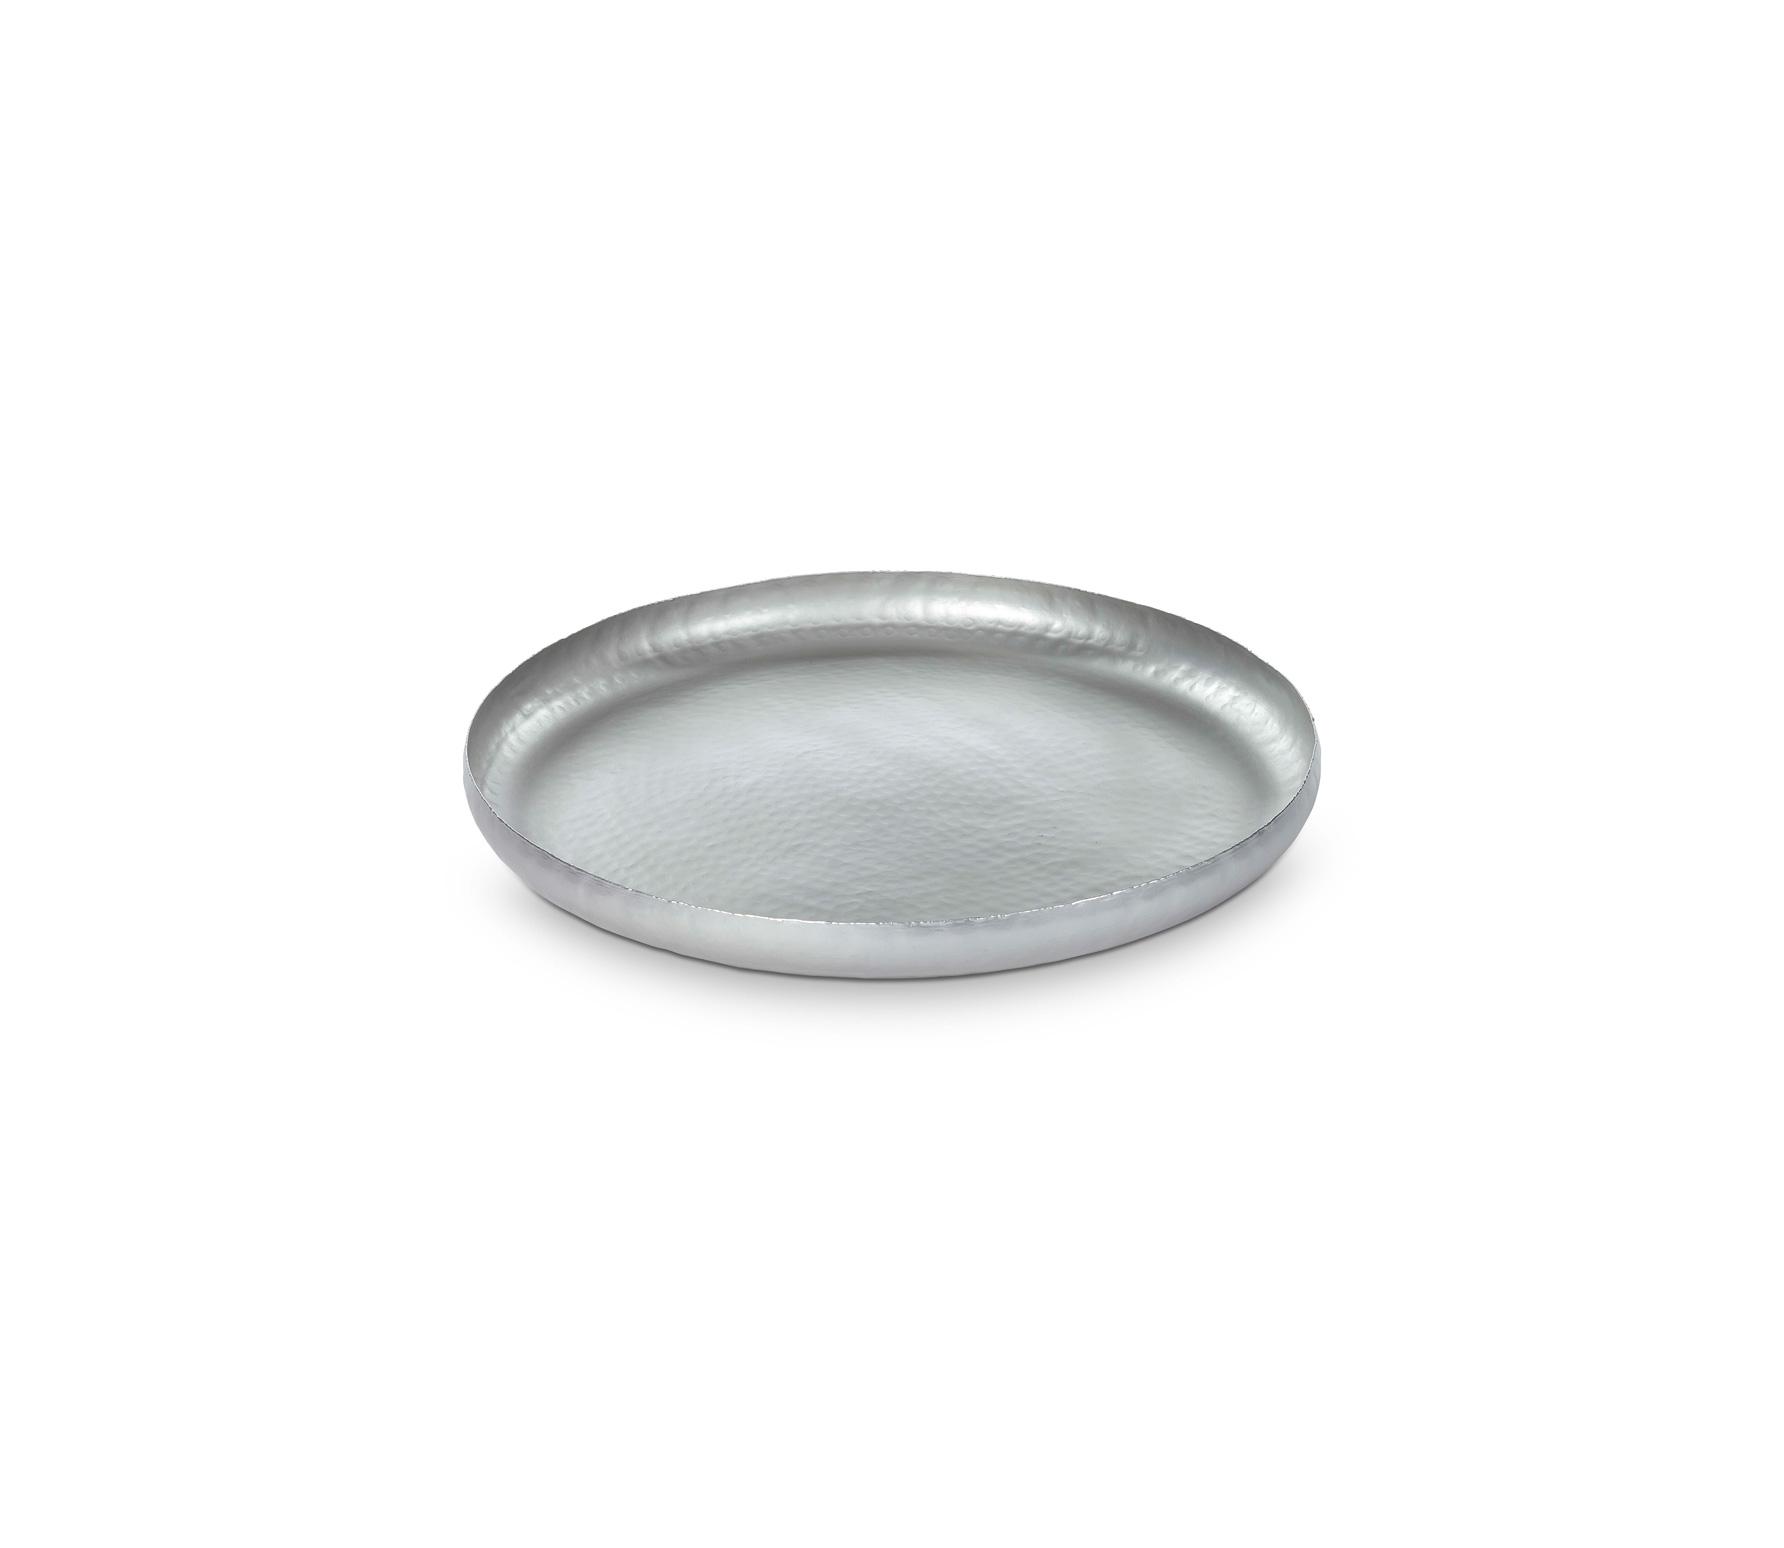 vtwonen dienblad zilver metaal diverse afmetingen Ø 45